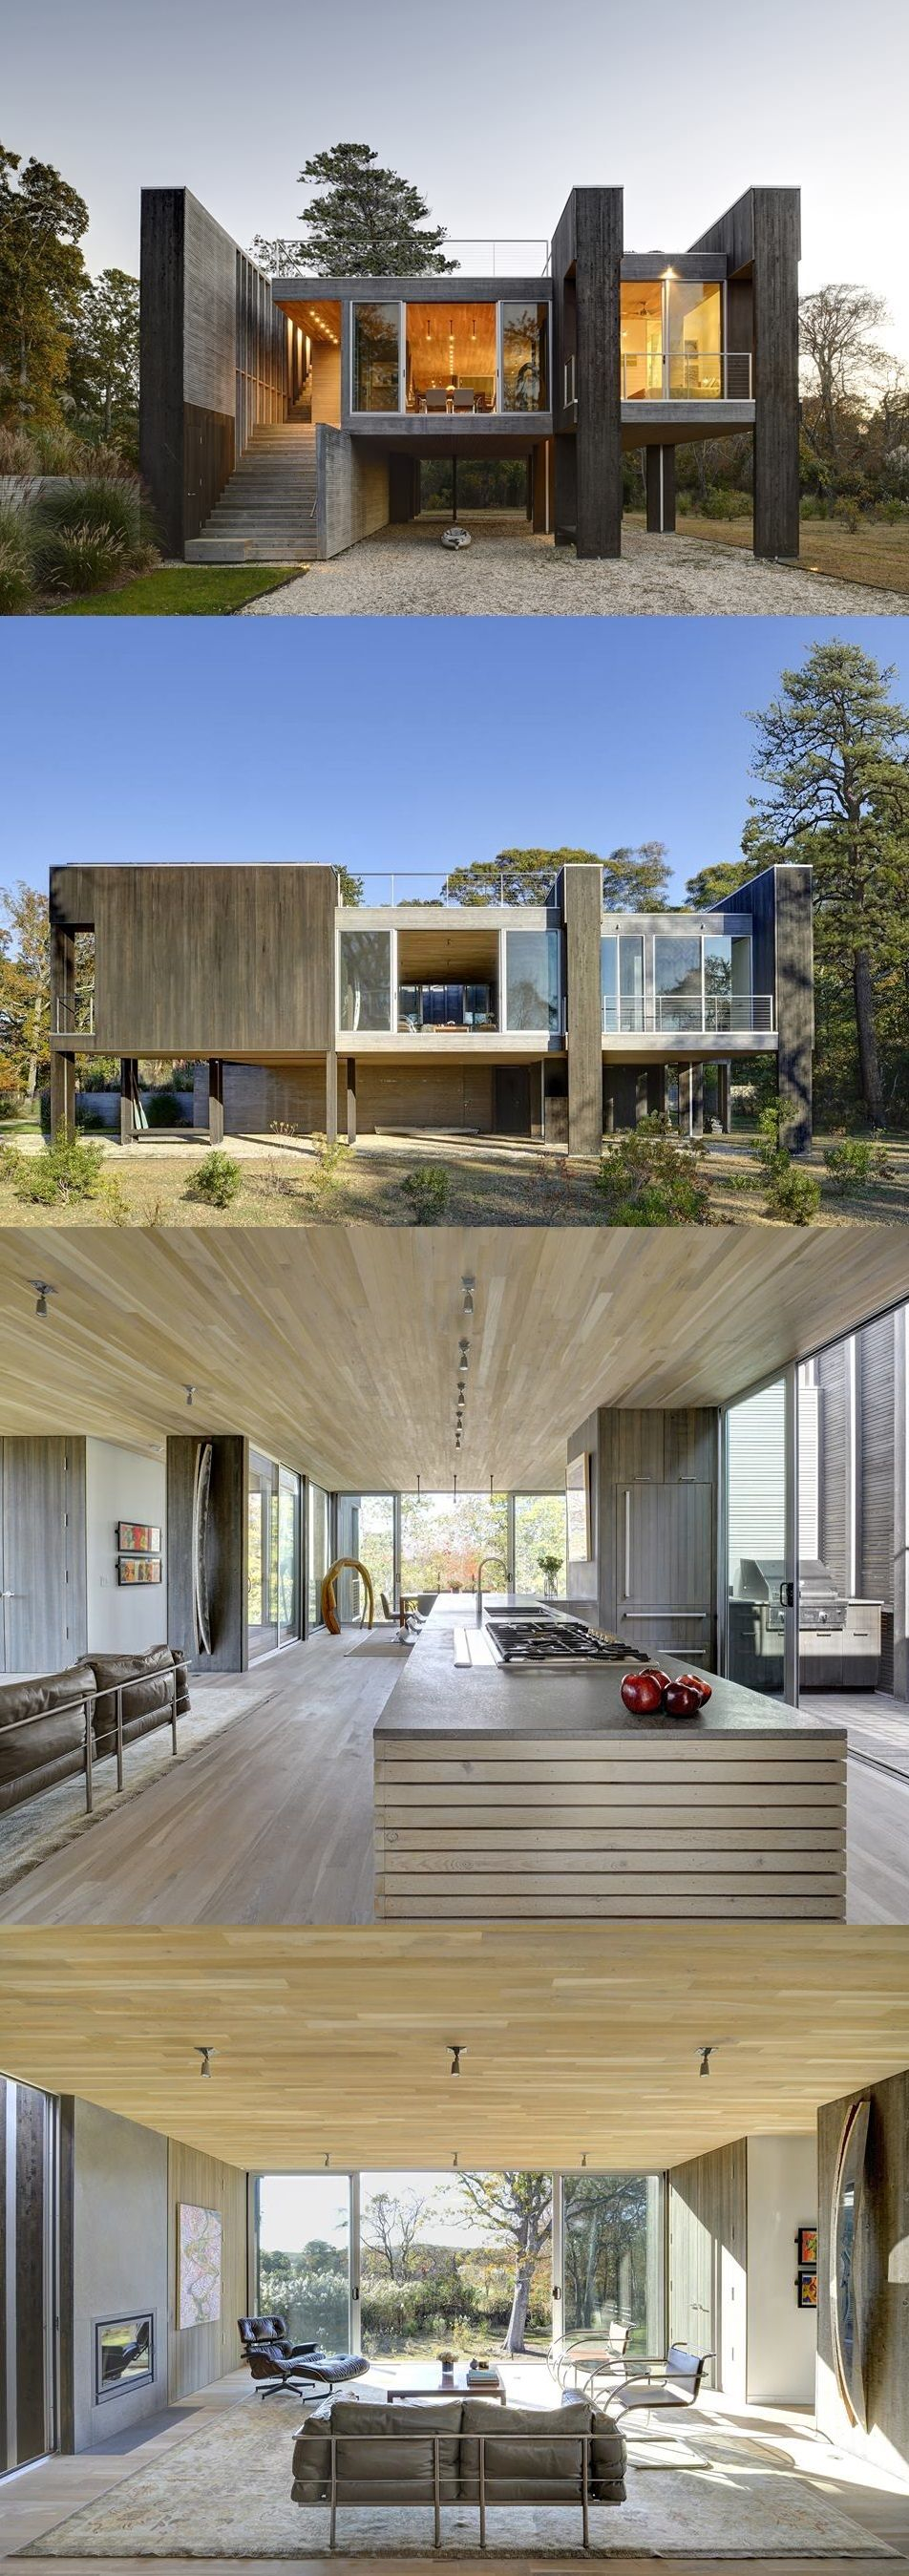 Northwest harbor bates masi architects ideas for the house